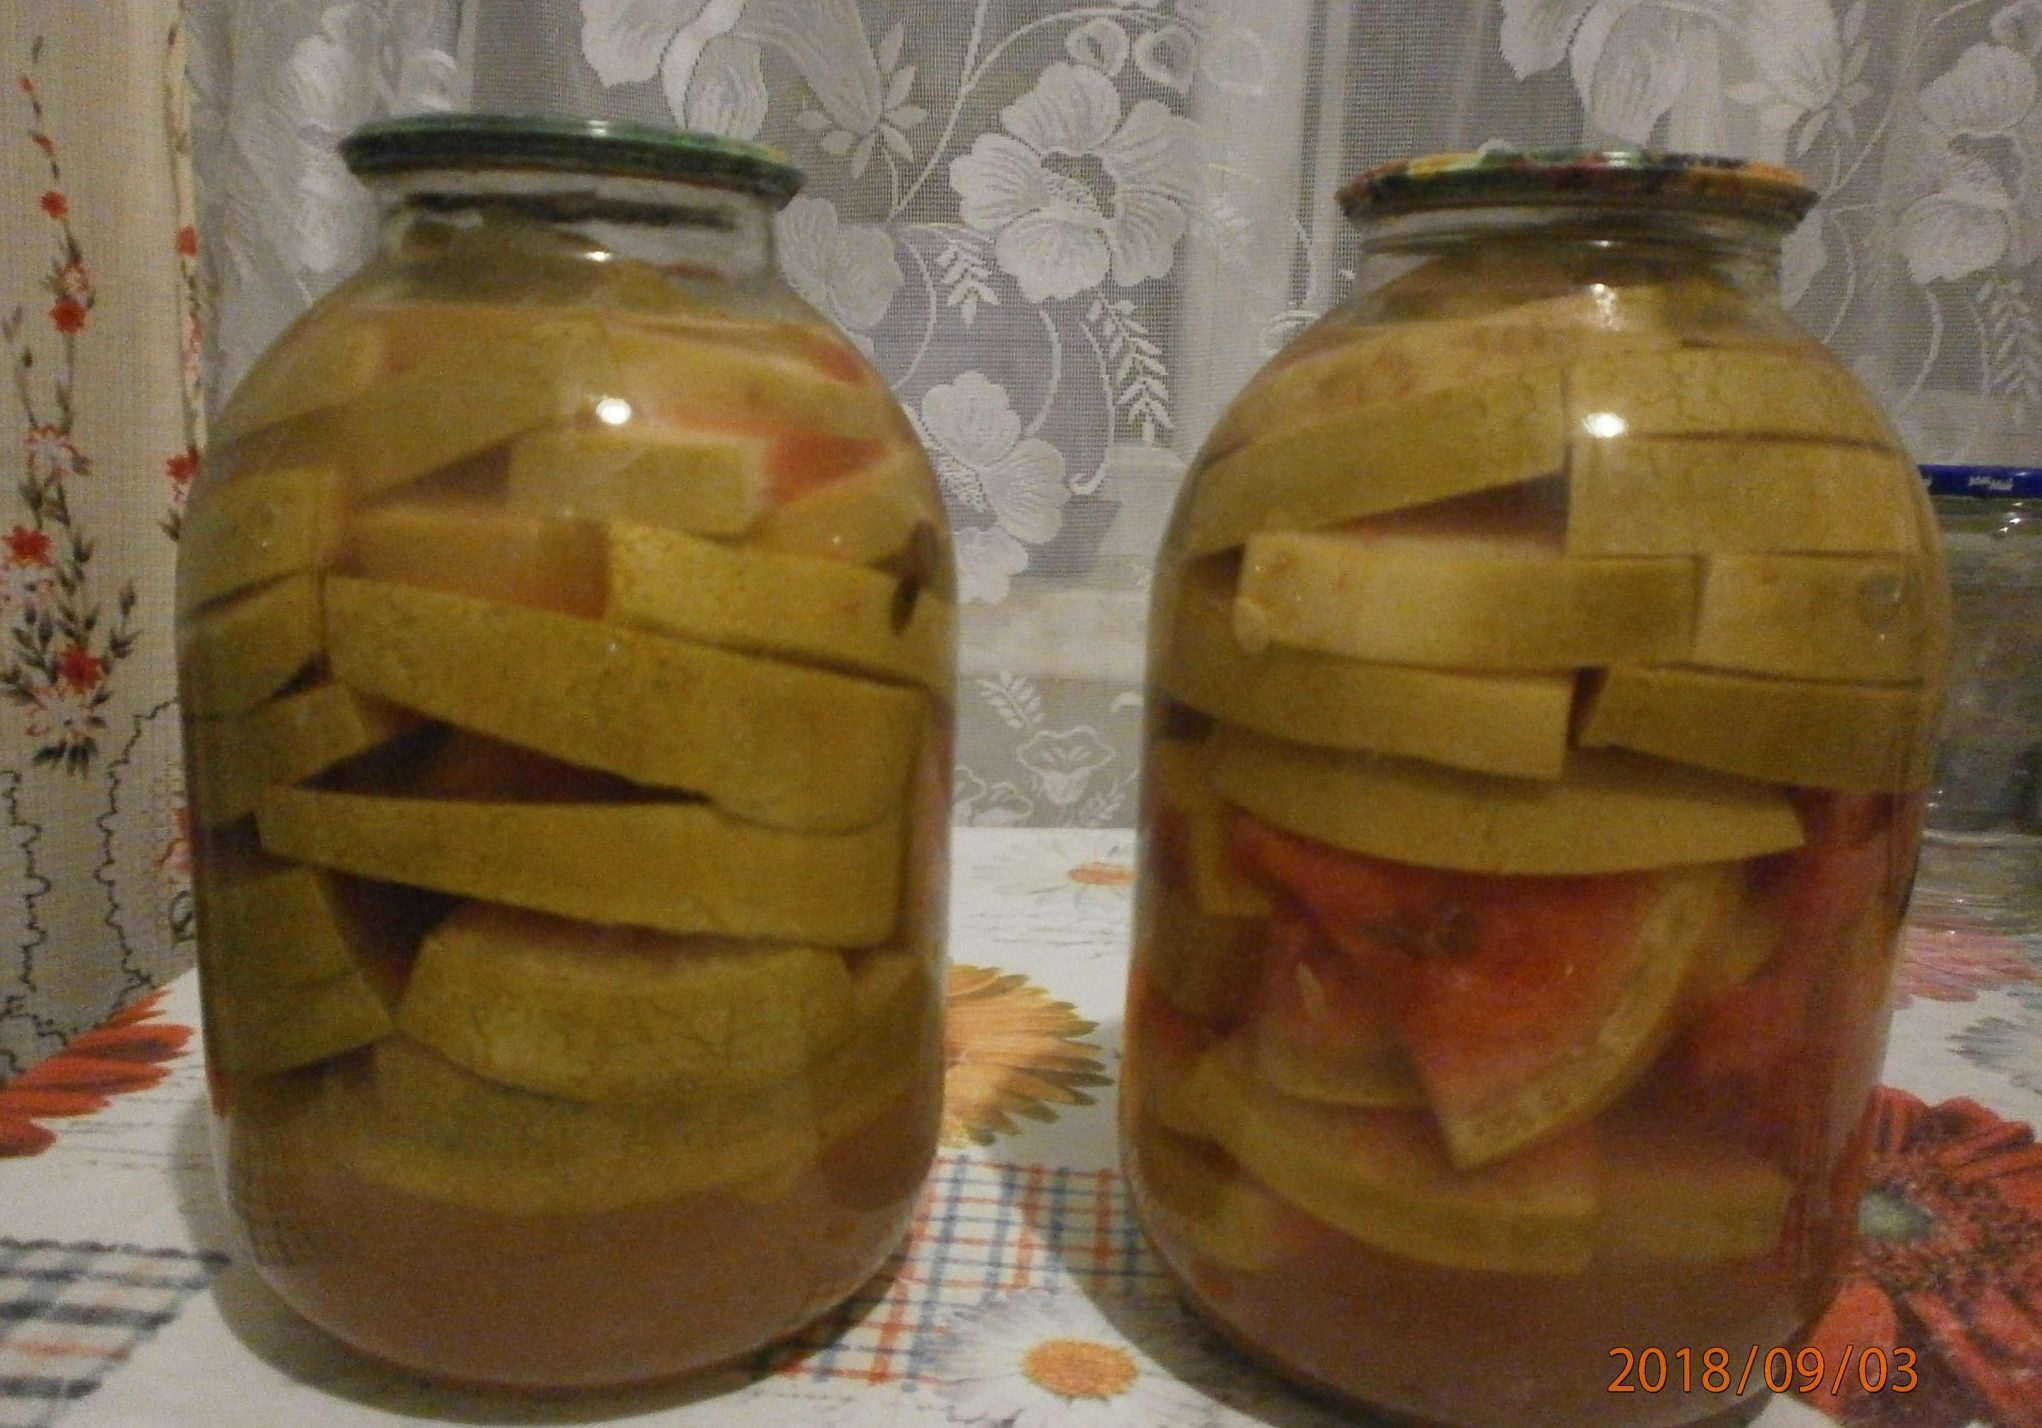 Как приготовить компот из арбуза на зиму по пошаговому рецепту с фото